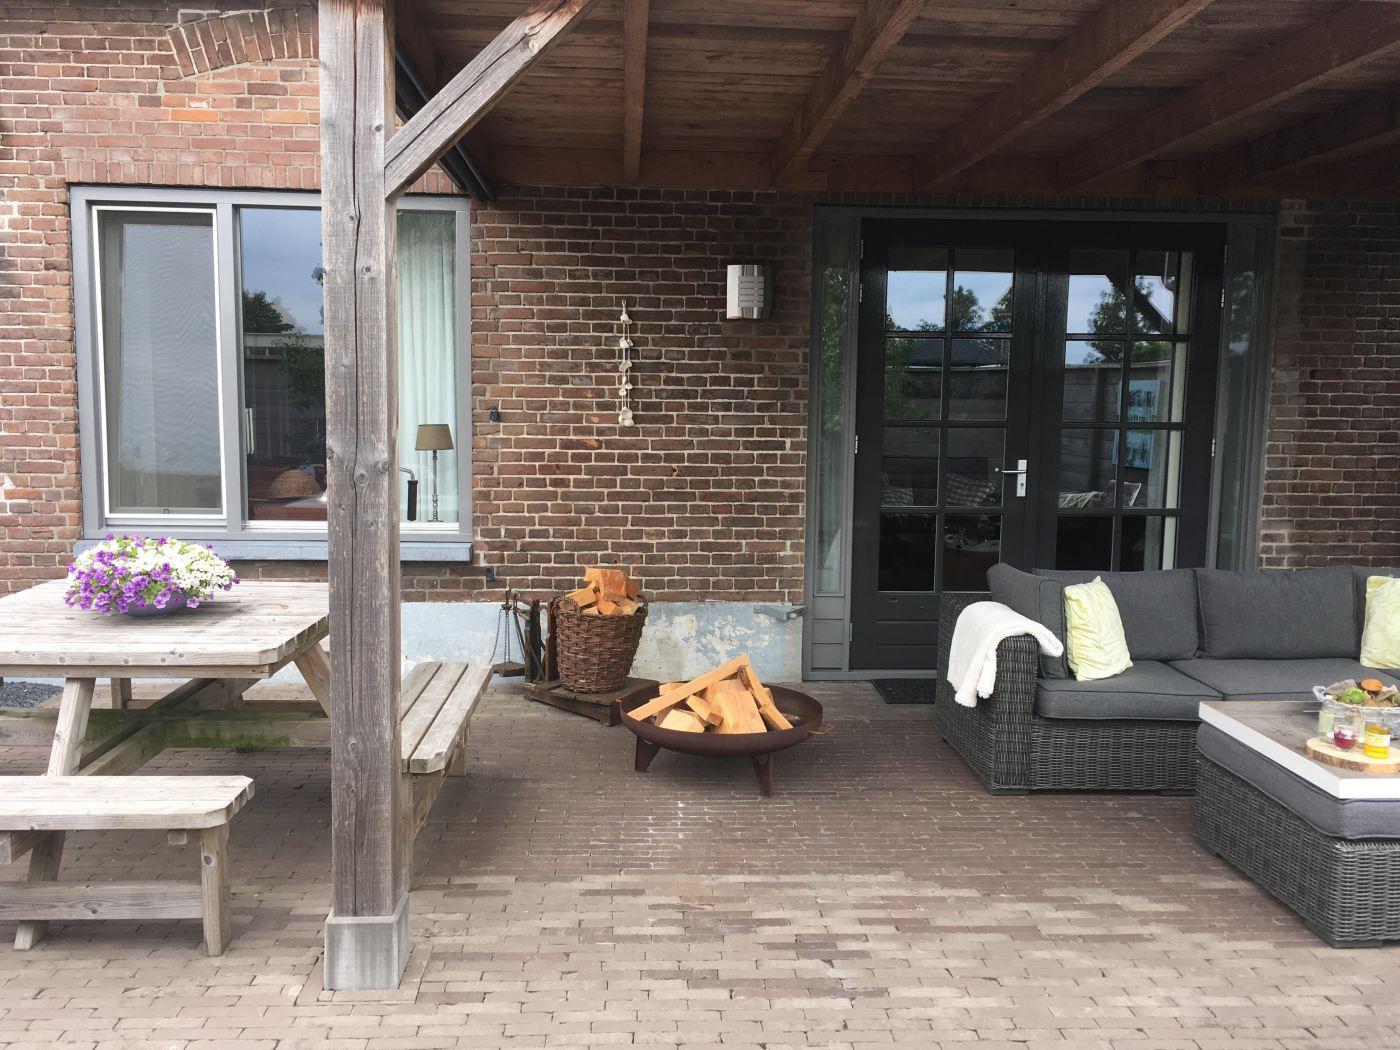 vakantiehuis-debetuwe-weekend-weg-puurvangeluk